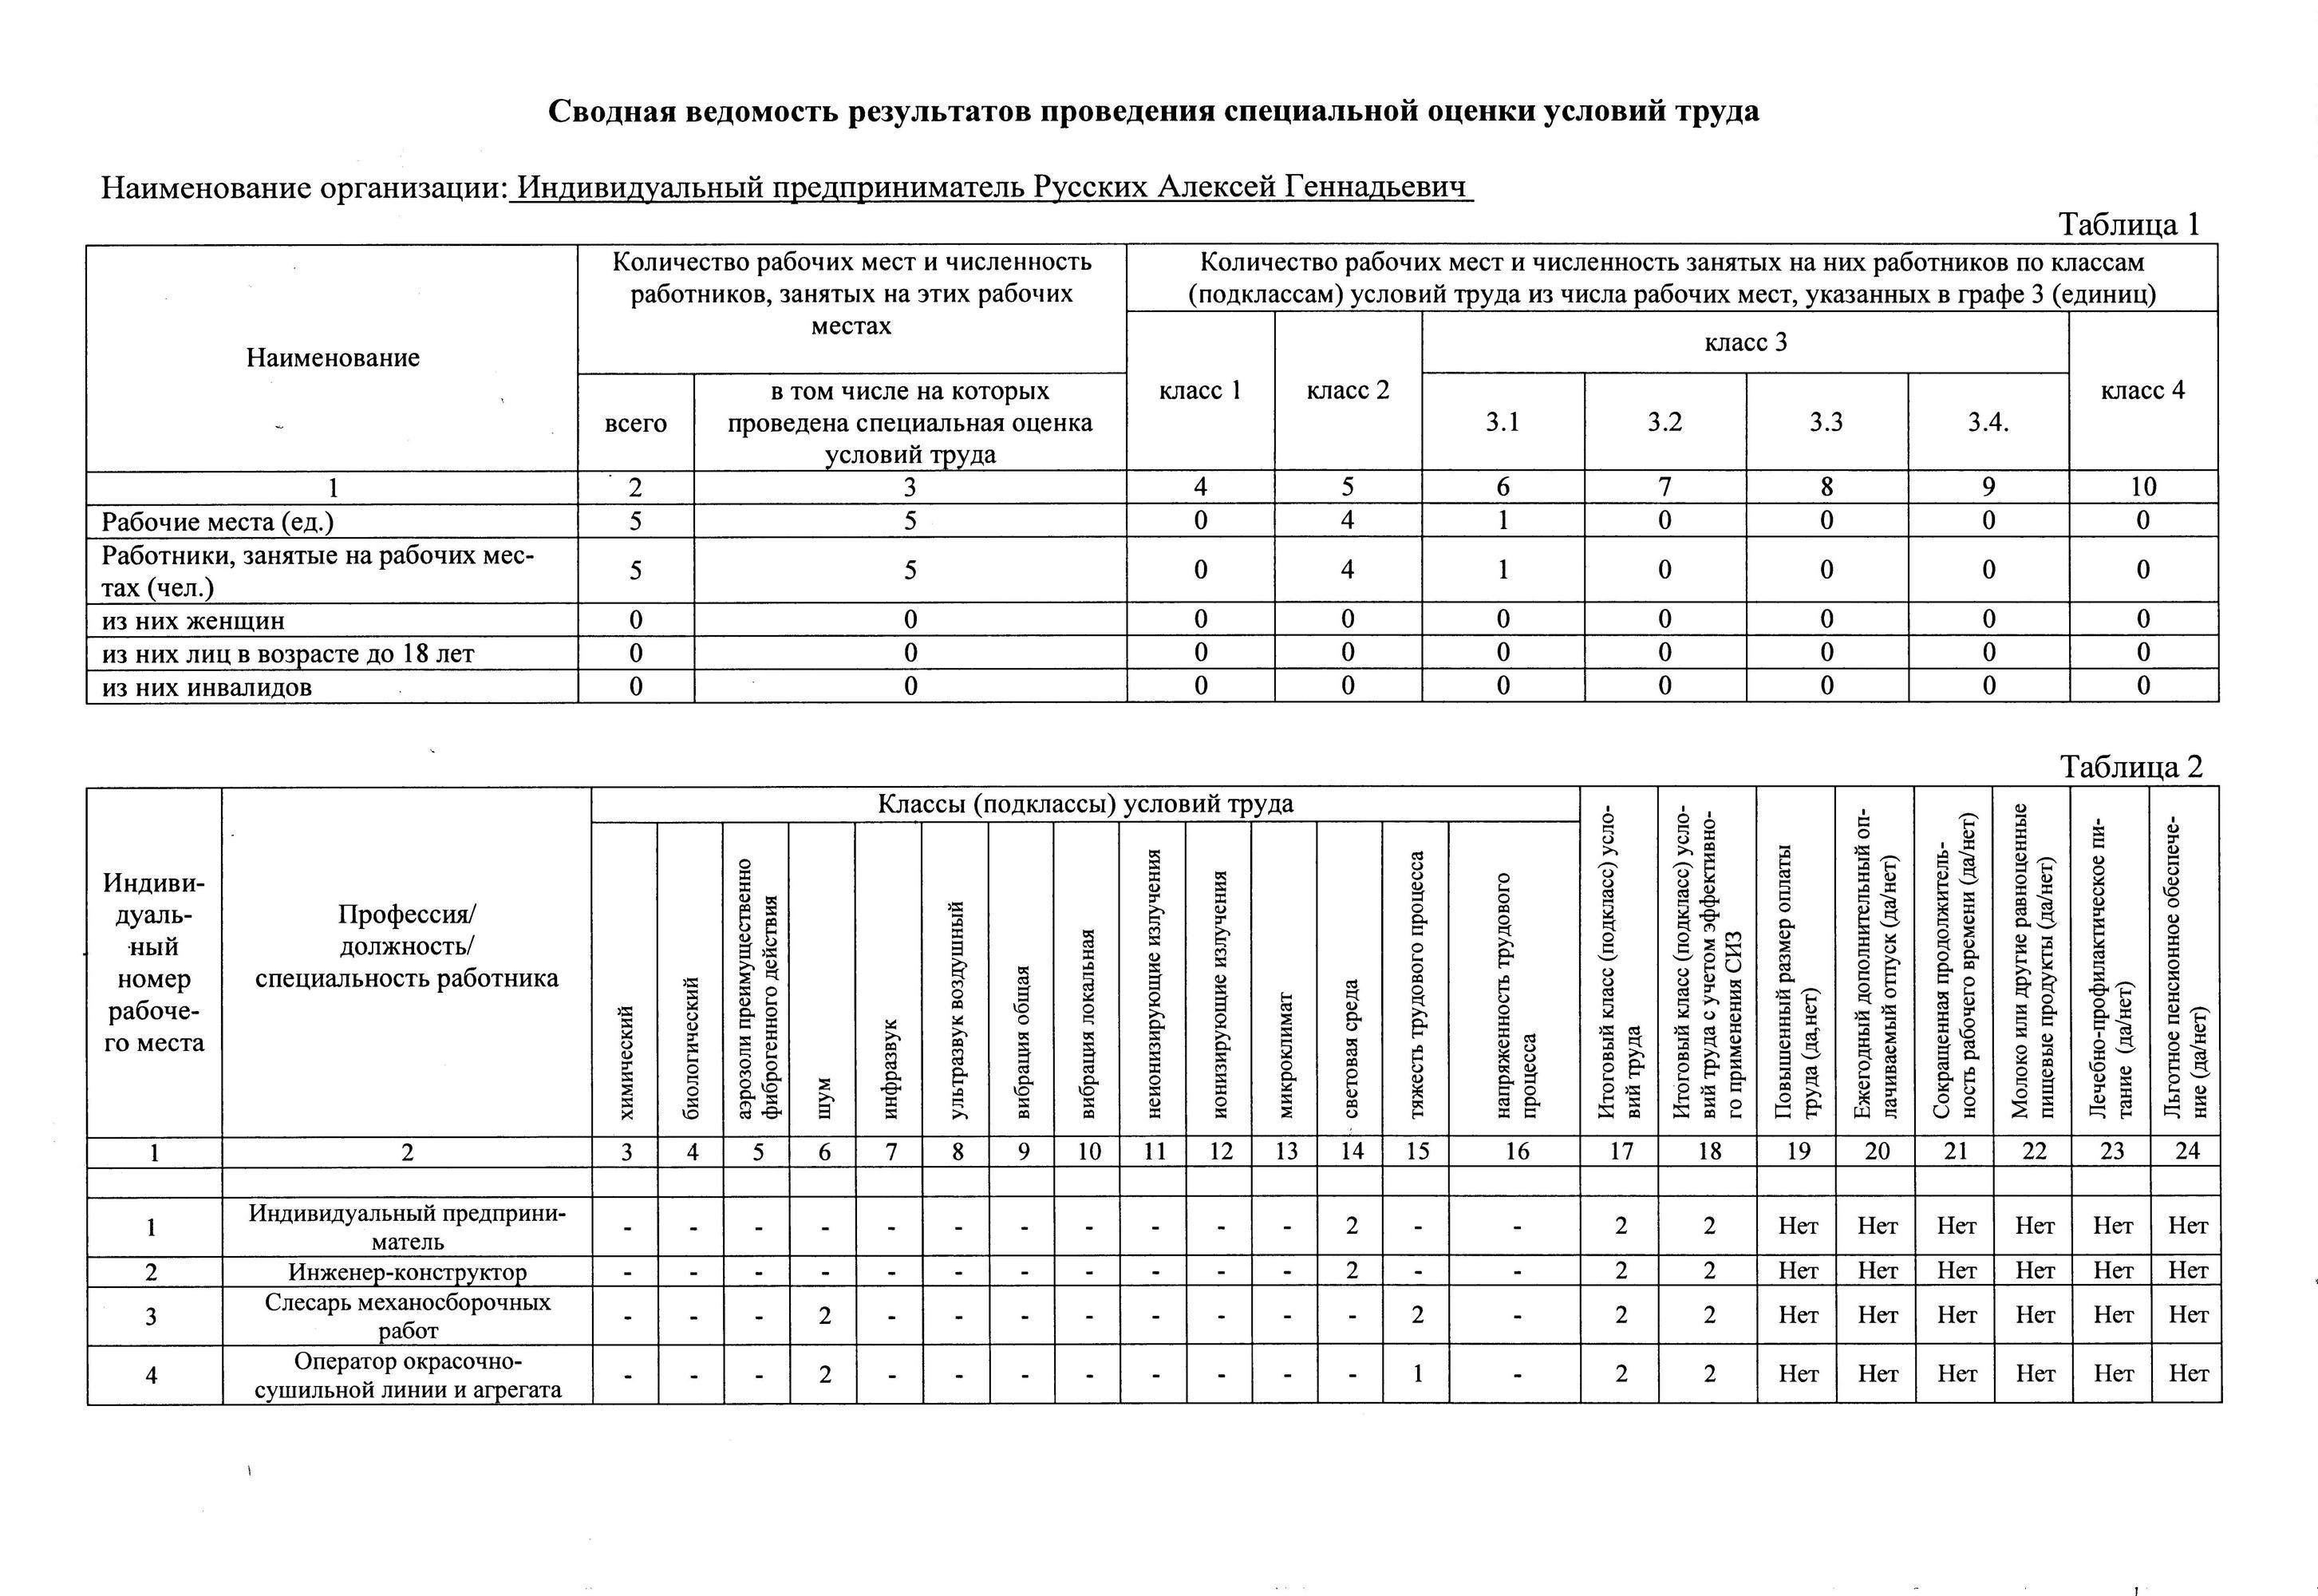 Сводная ведомость результатов проверки специальной оценки условий труда